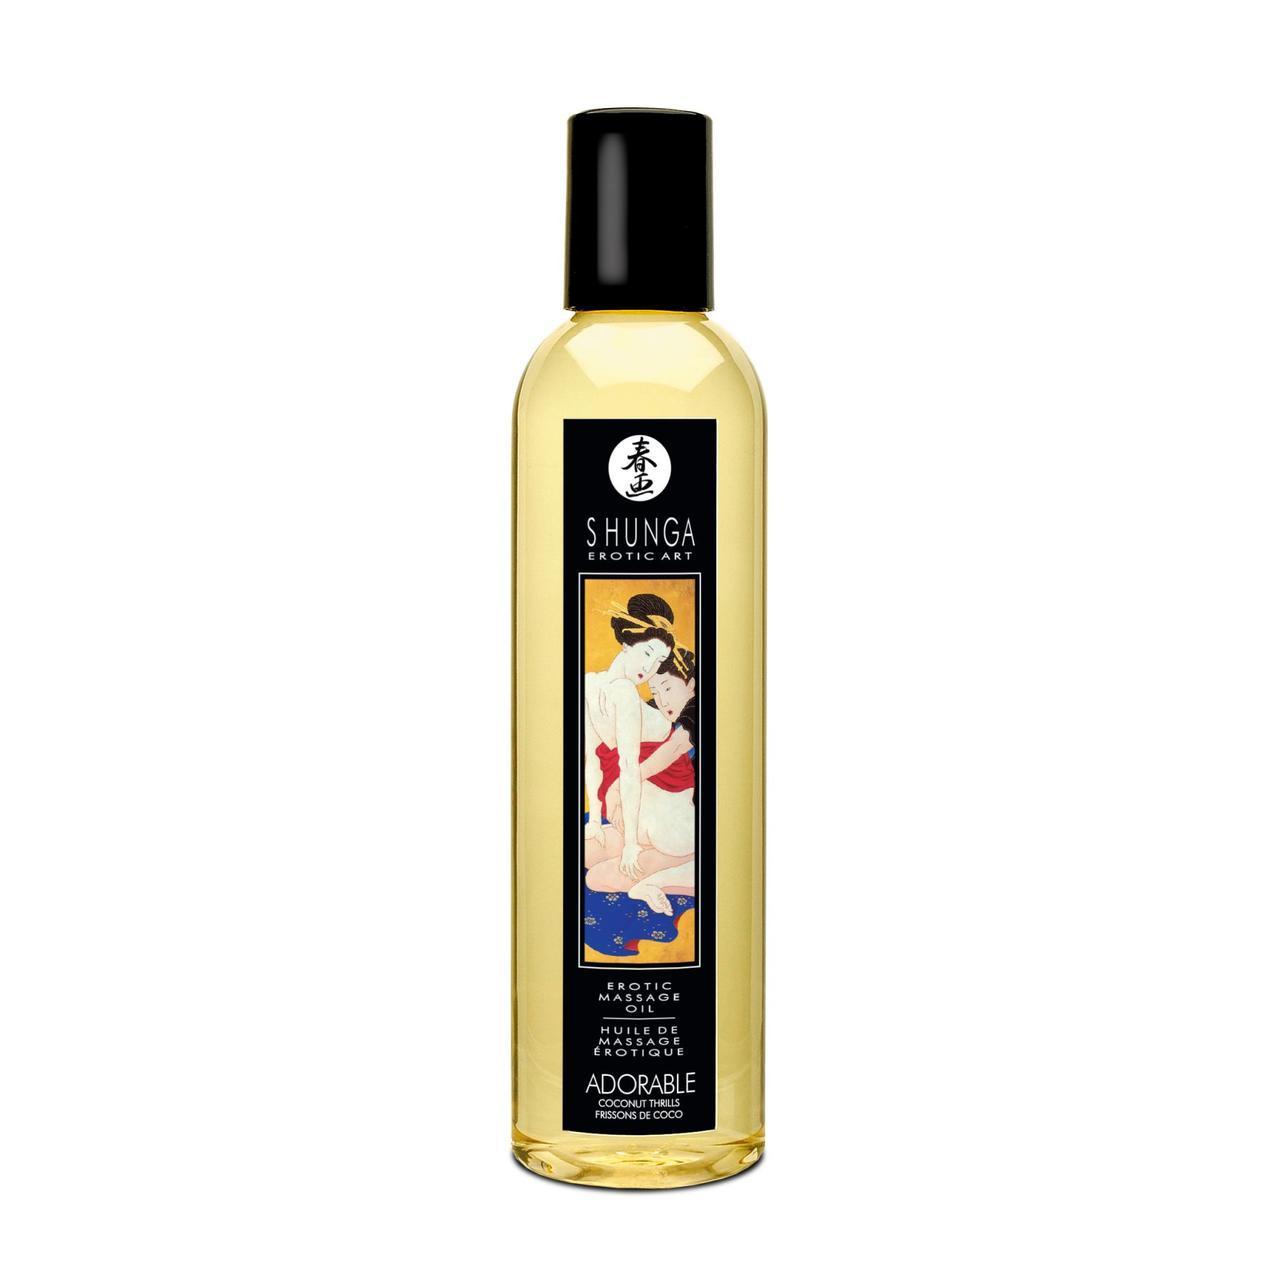 Массажное масло Shunga Adorable - Coconut thrills (250 мл) натуральное увлажняющее